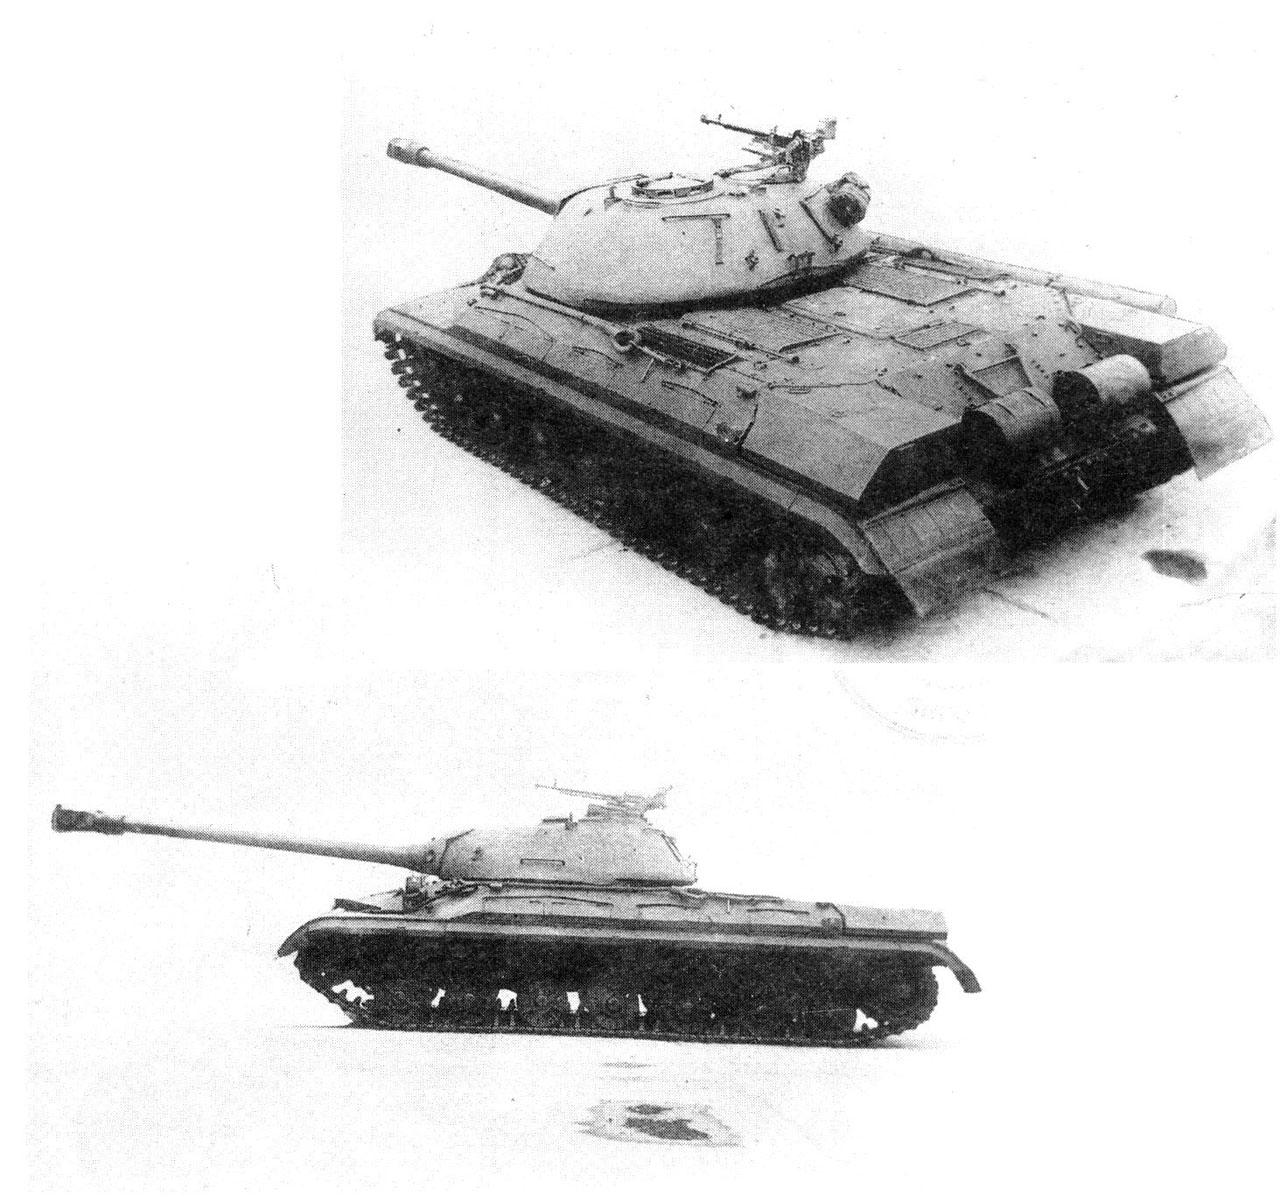 Тяжелый танк т 10 фото найдено